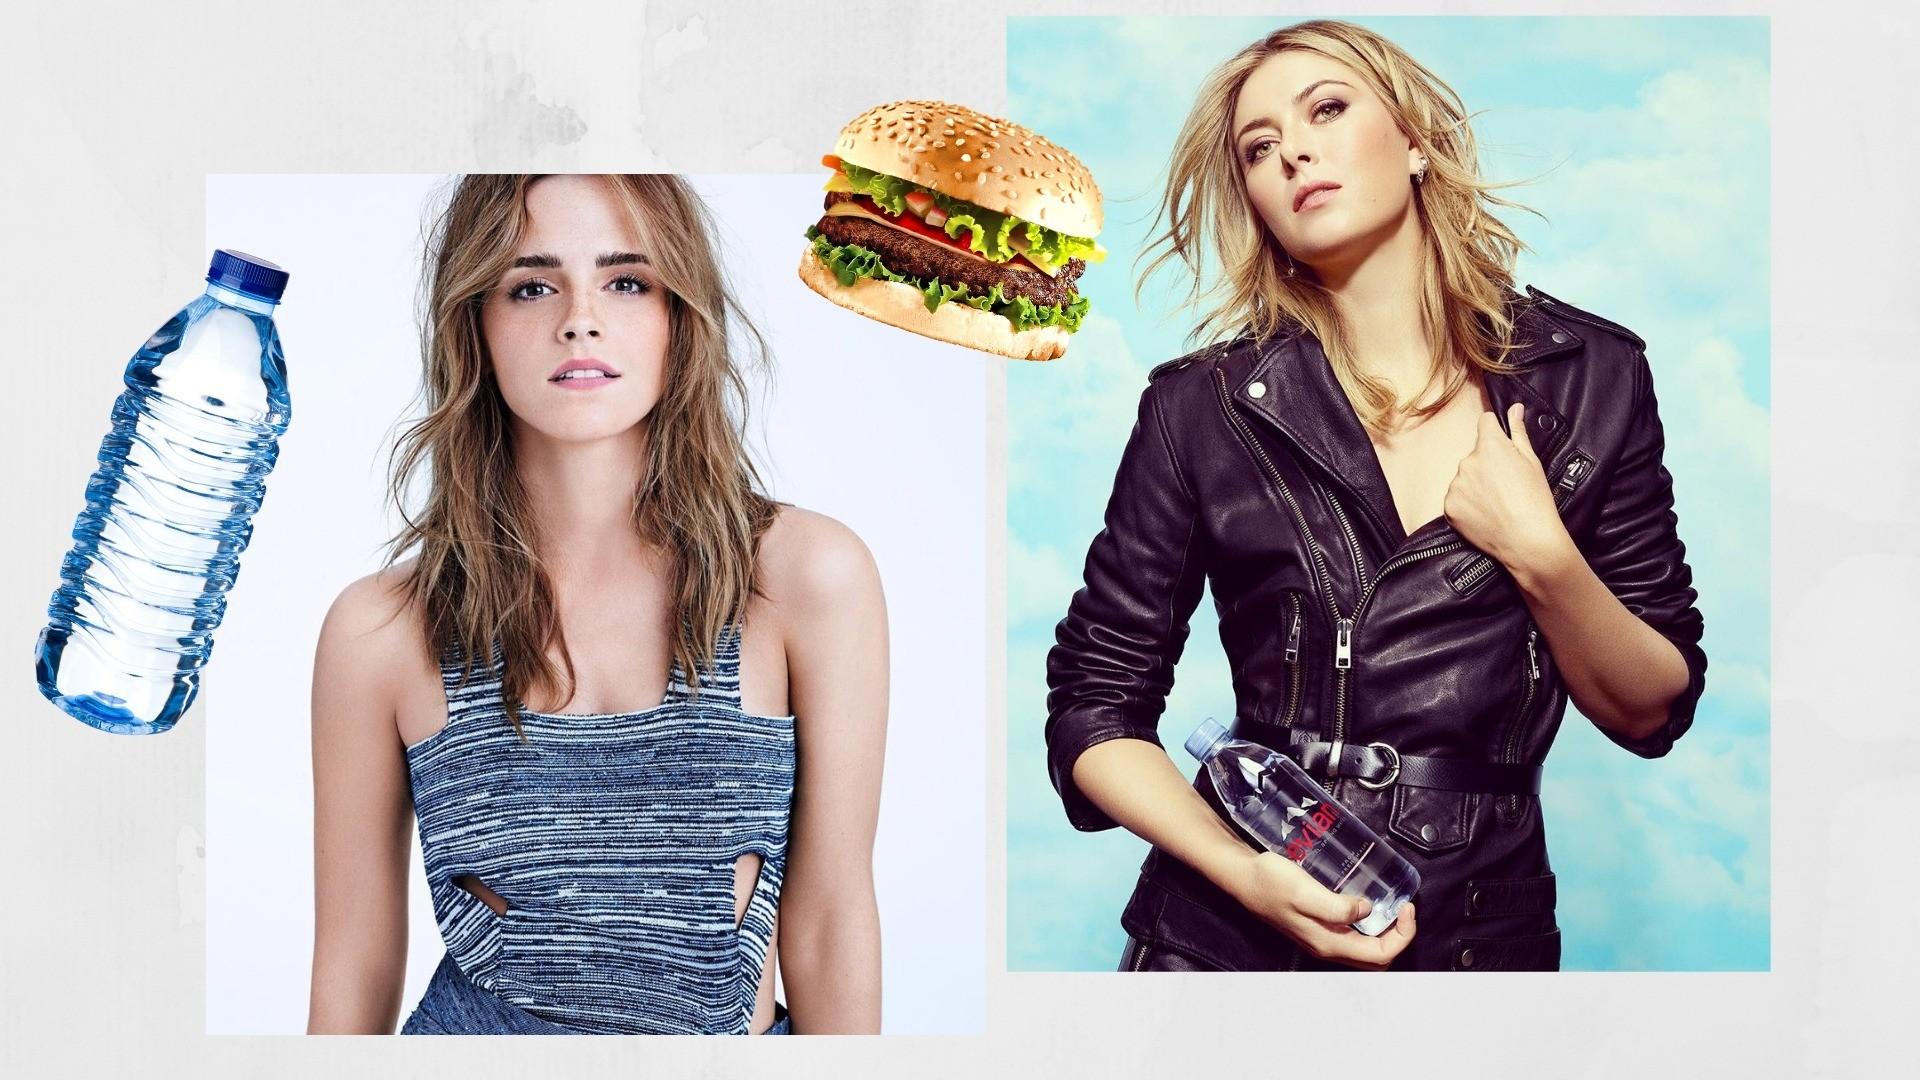 Звездные диеты: вредно или нет? Разбираемся с диетологом